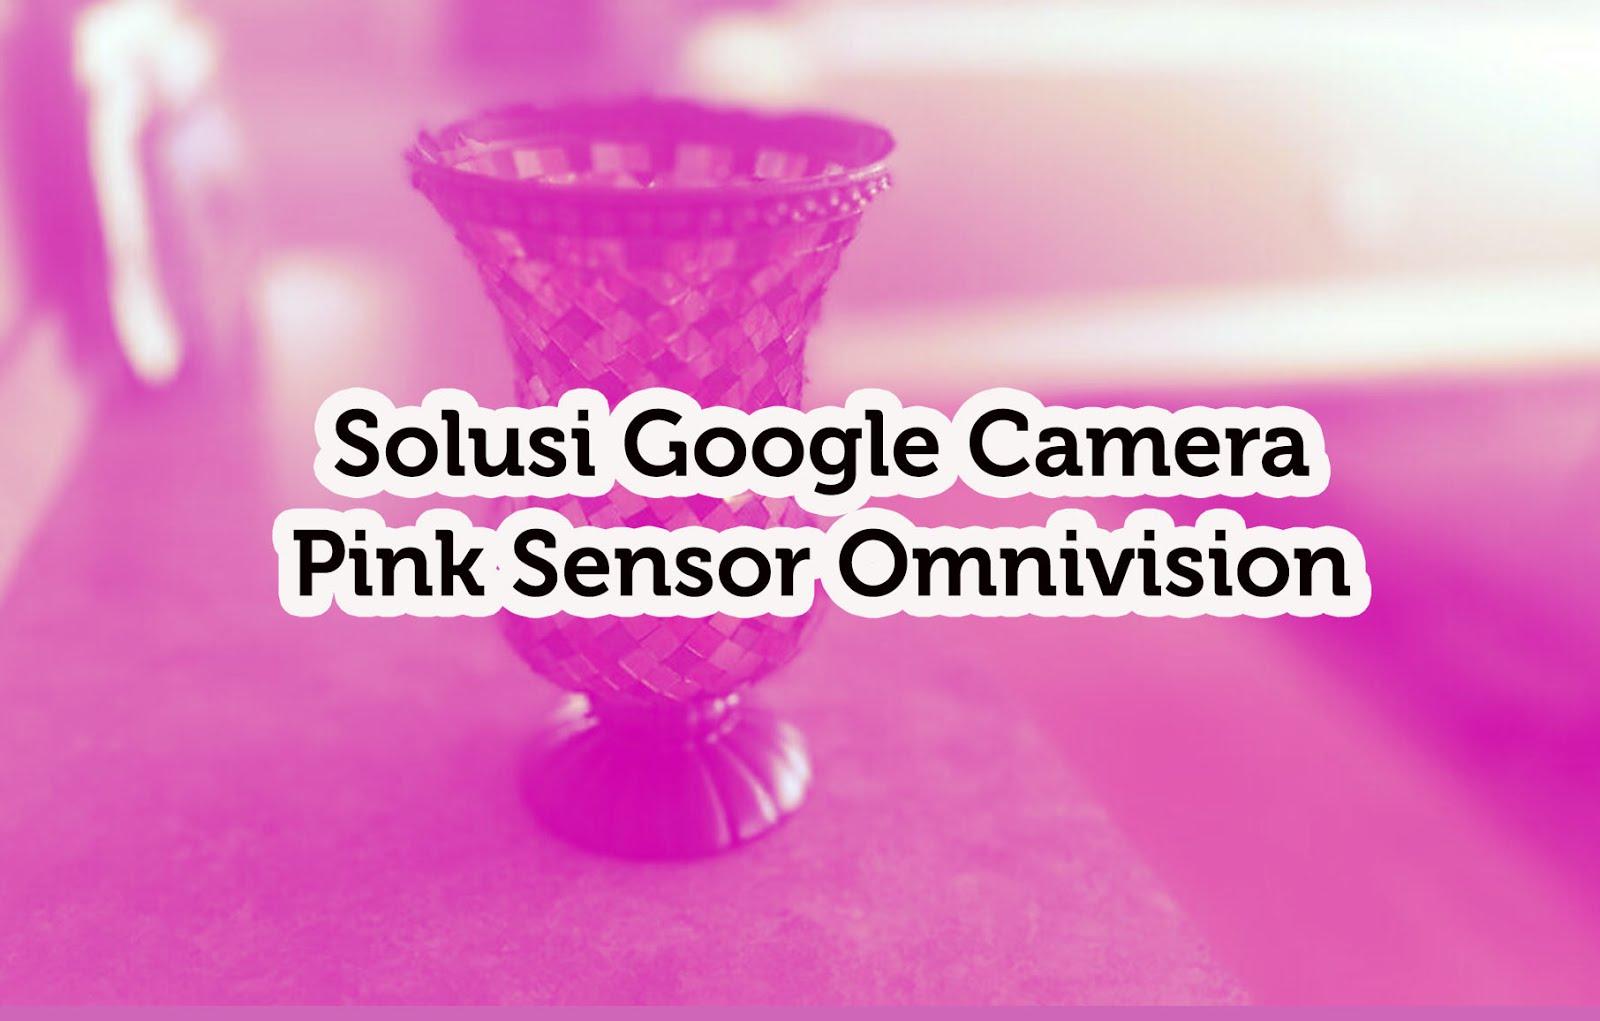 Solusi Google Camera Pink Sensor Omnivision